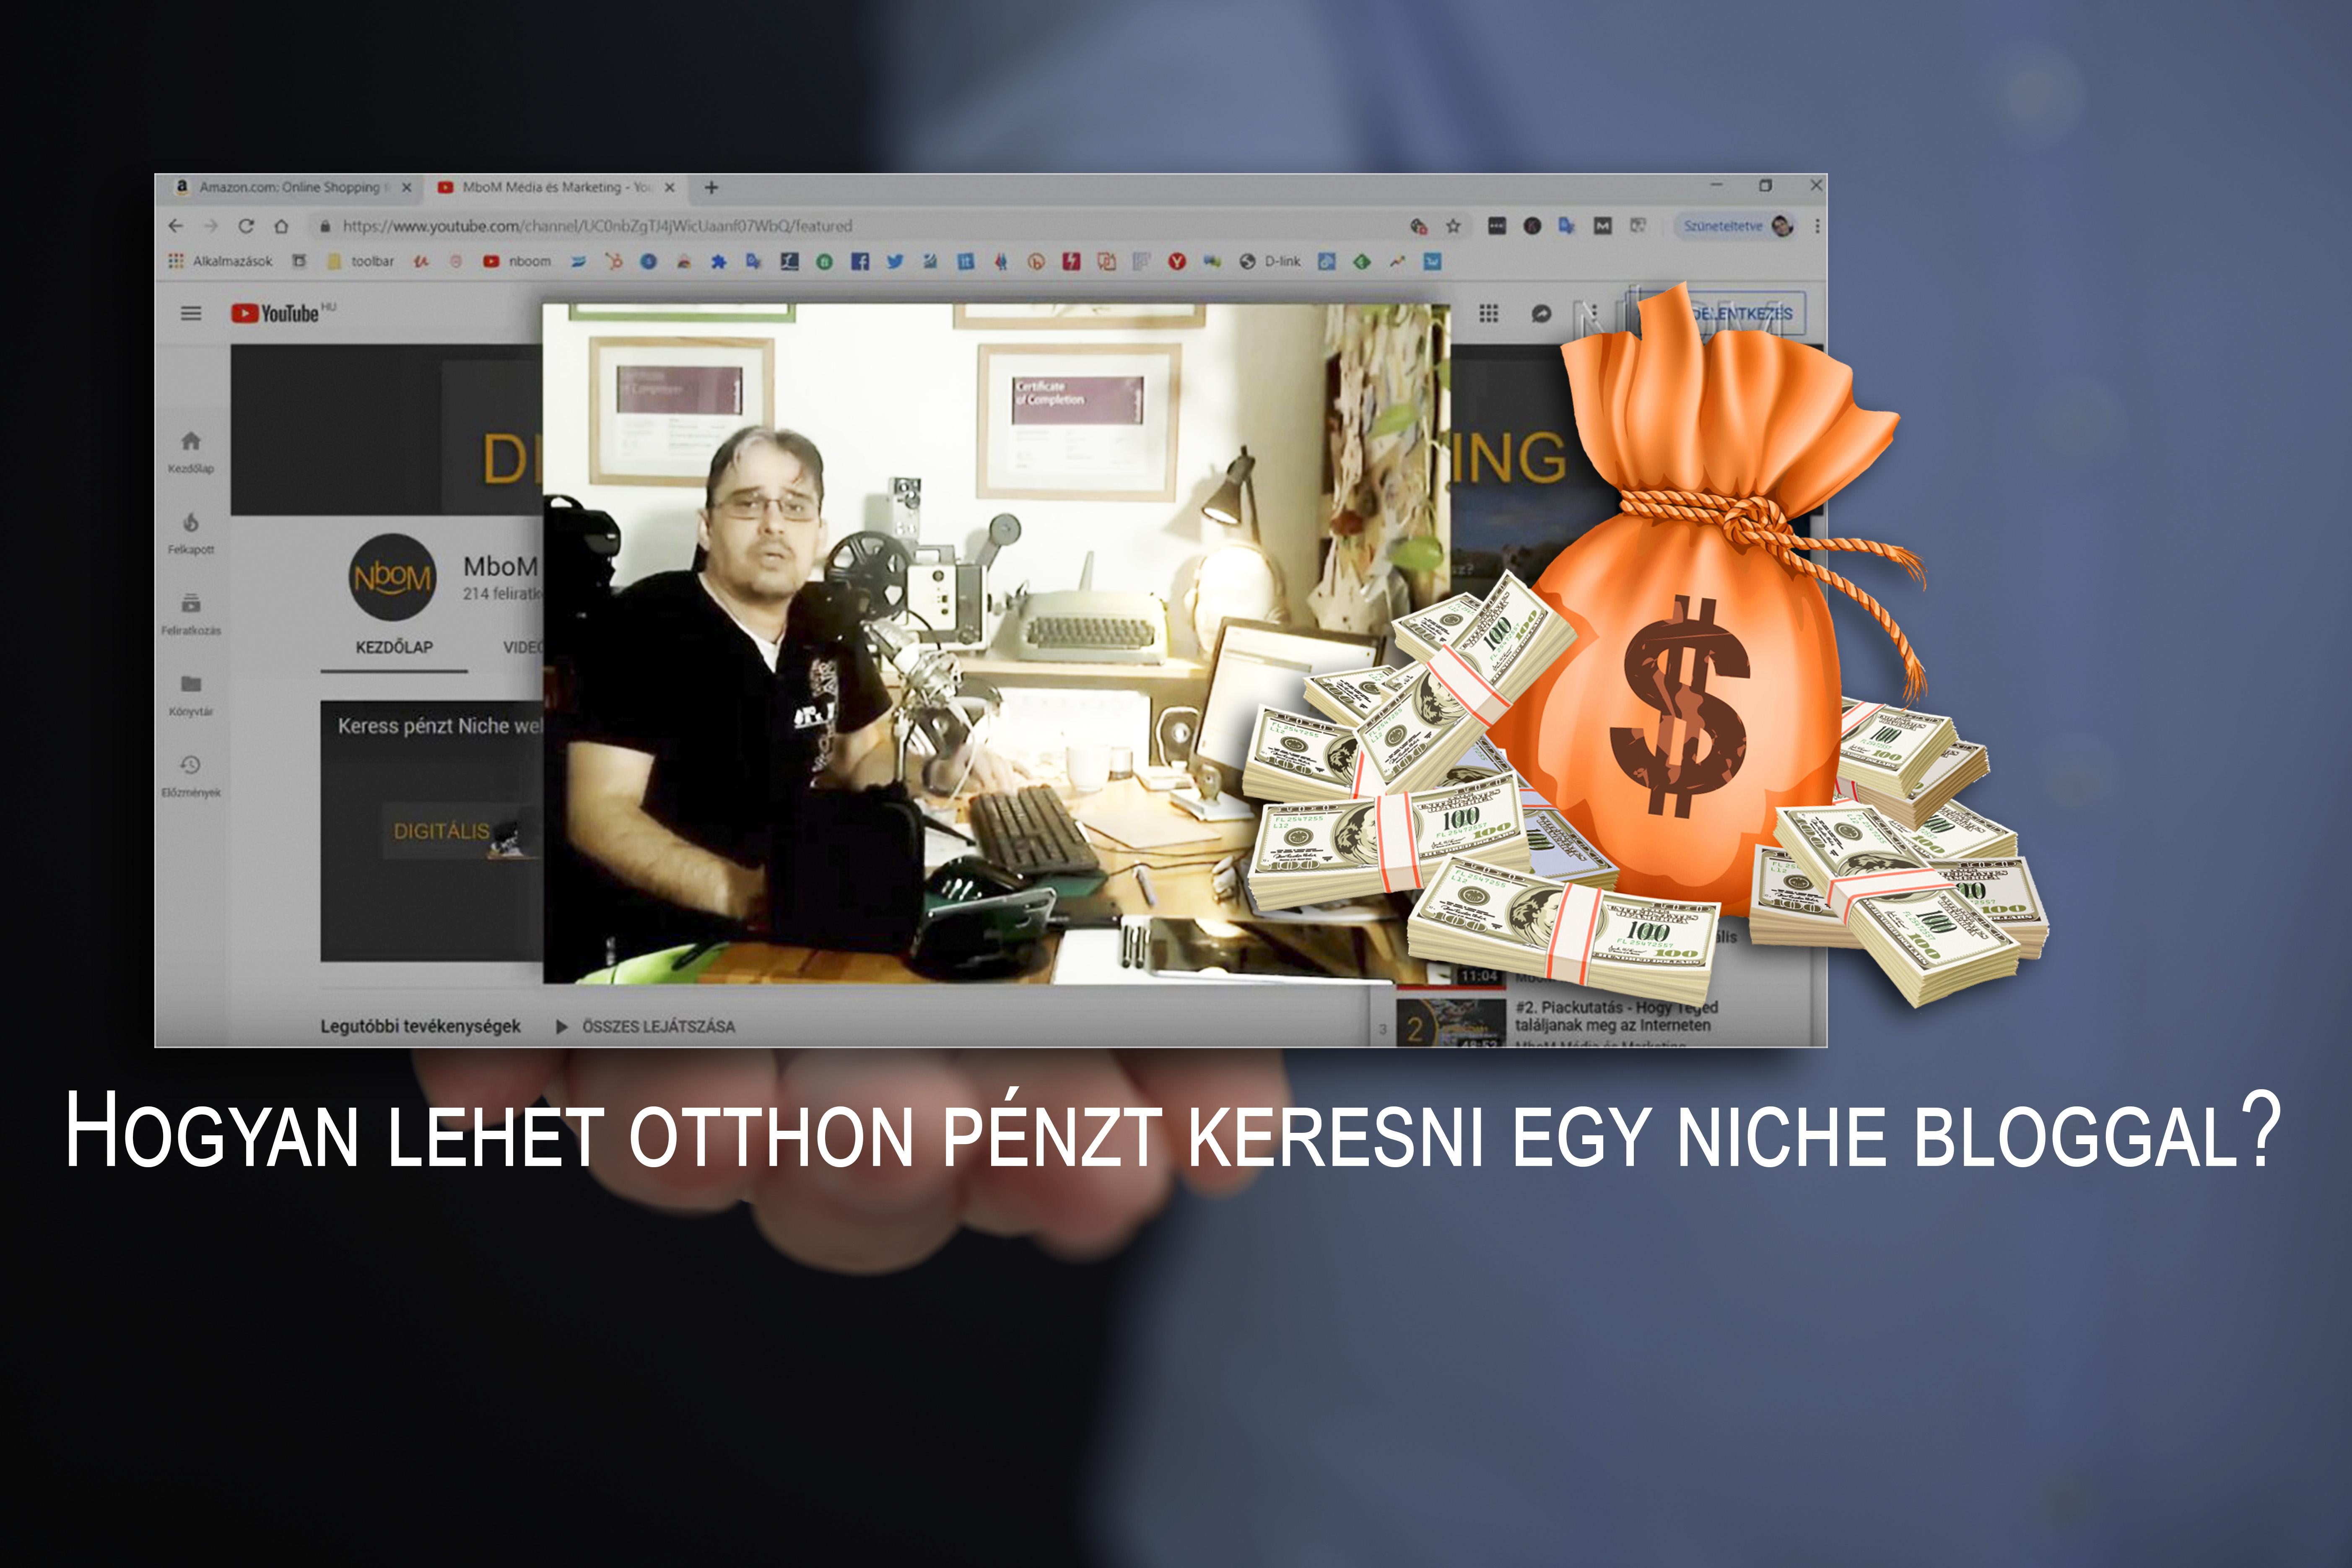 hogyan lehet előre pénzt keresni online